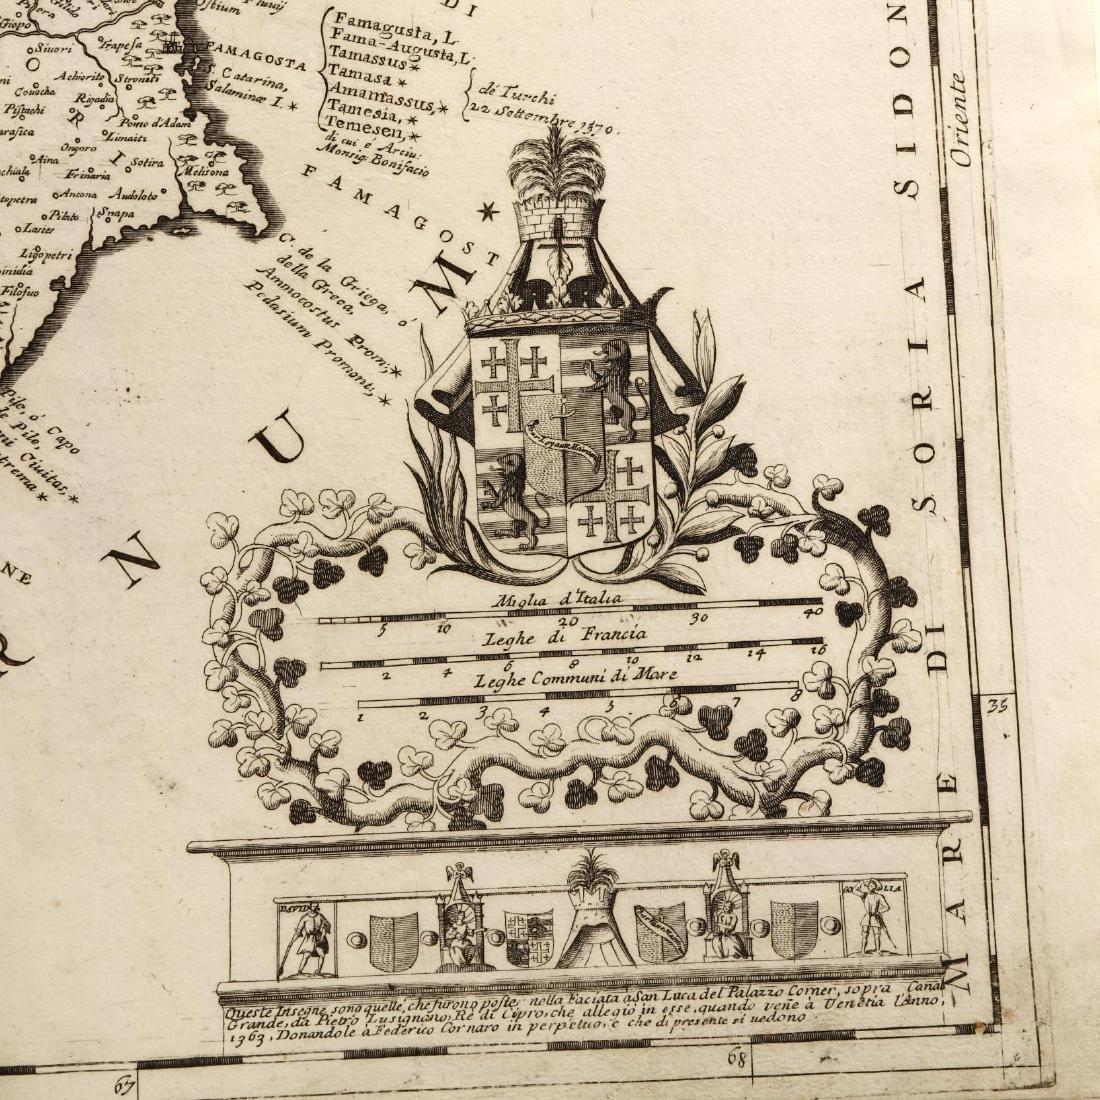 Coronelli, Vincenze Maria.  Acamantis Insula hoggidi - 2